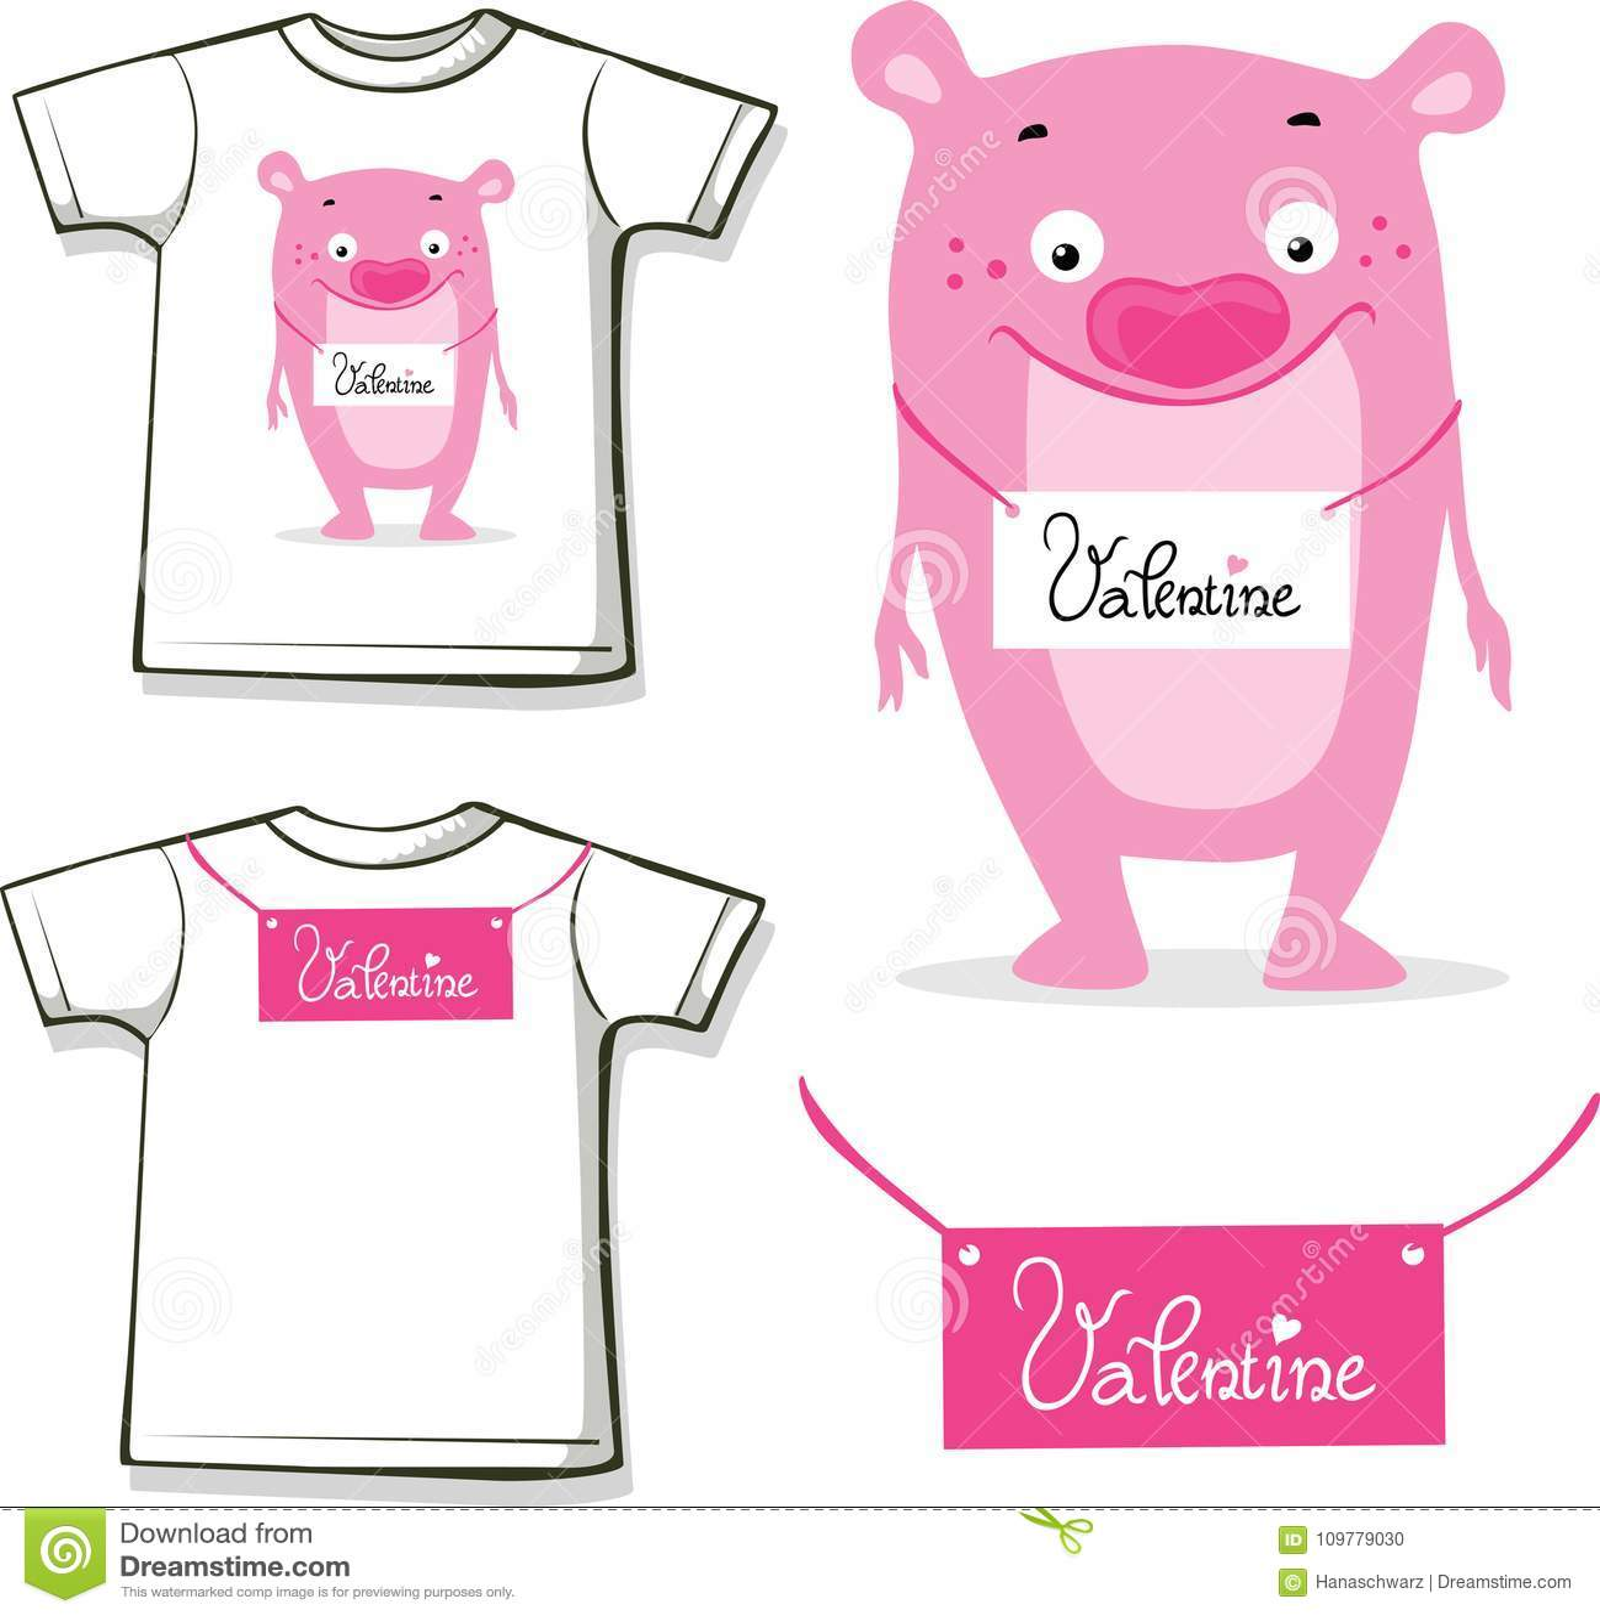 Camisa divertida de la tarjeta del día de San Valentín con diseño rosado del vector del peluche del monstruo impresa